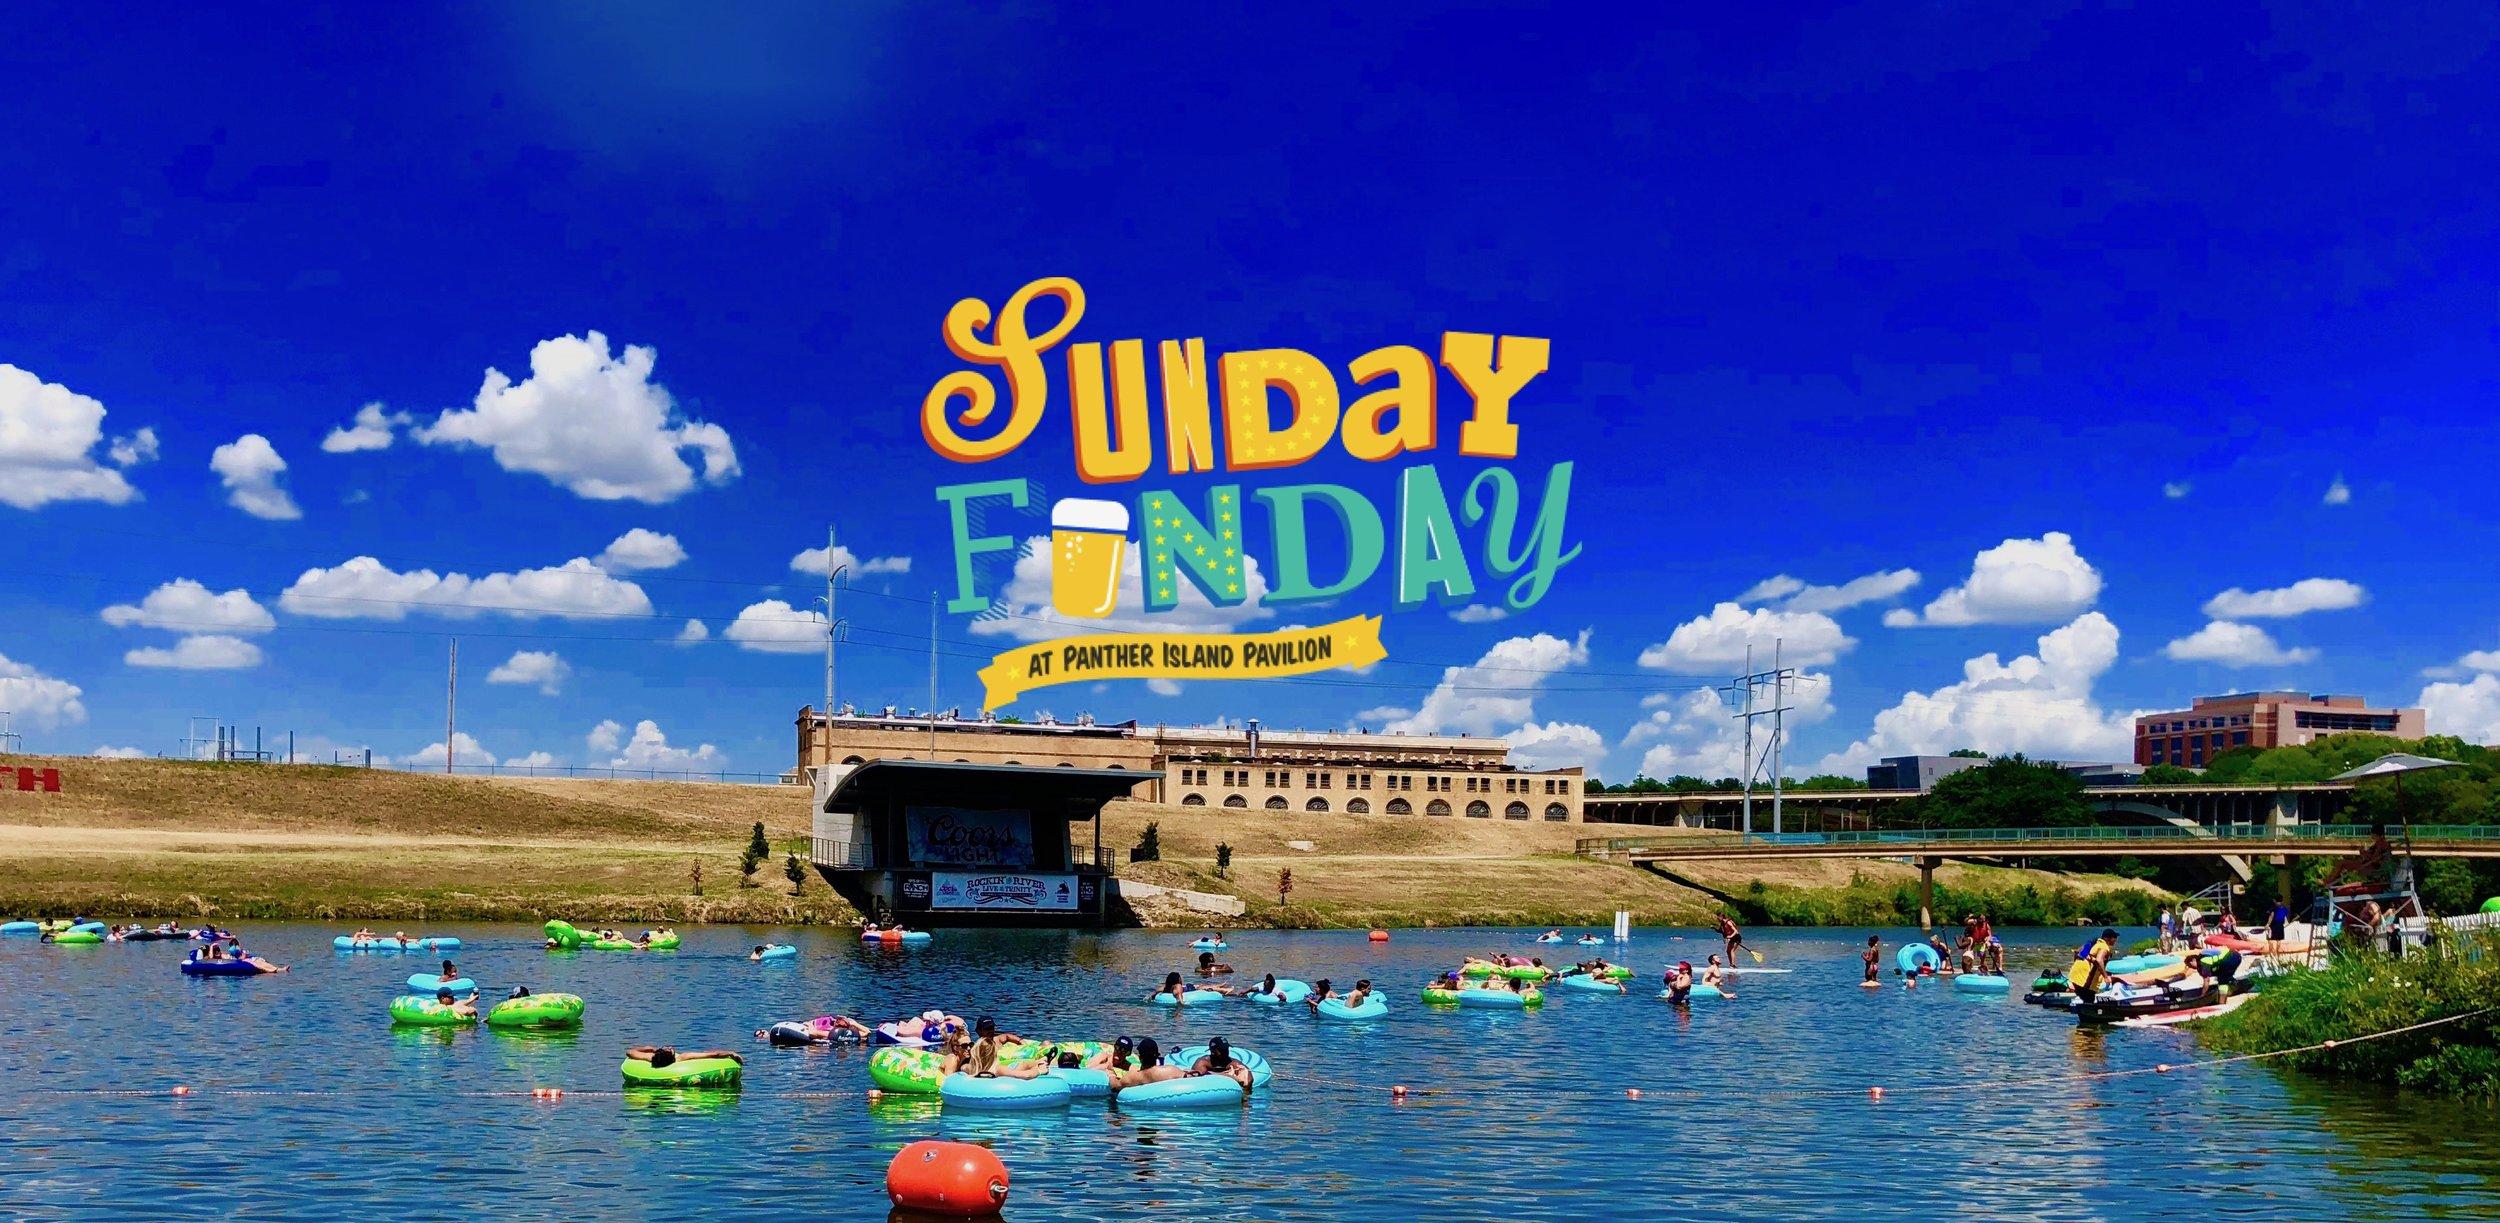 Sunday Funday at Panther Island Pavilion